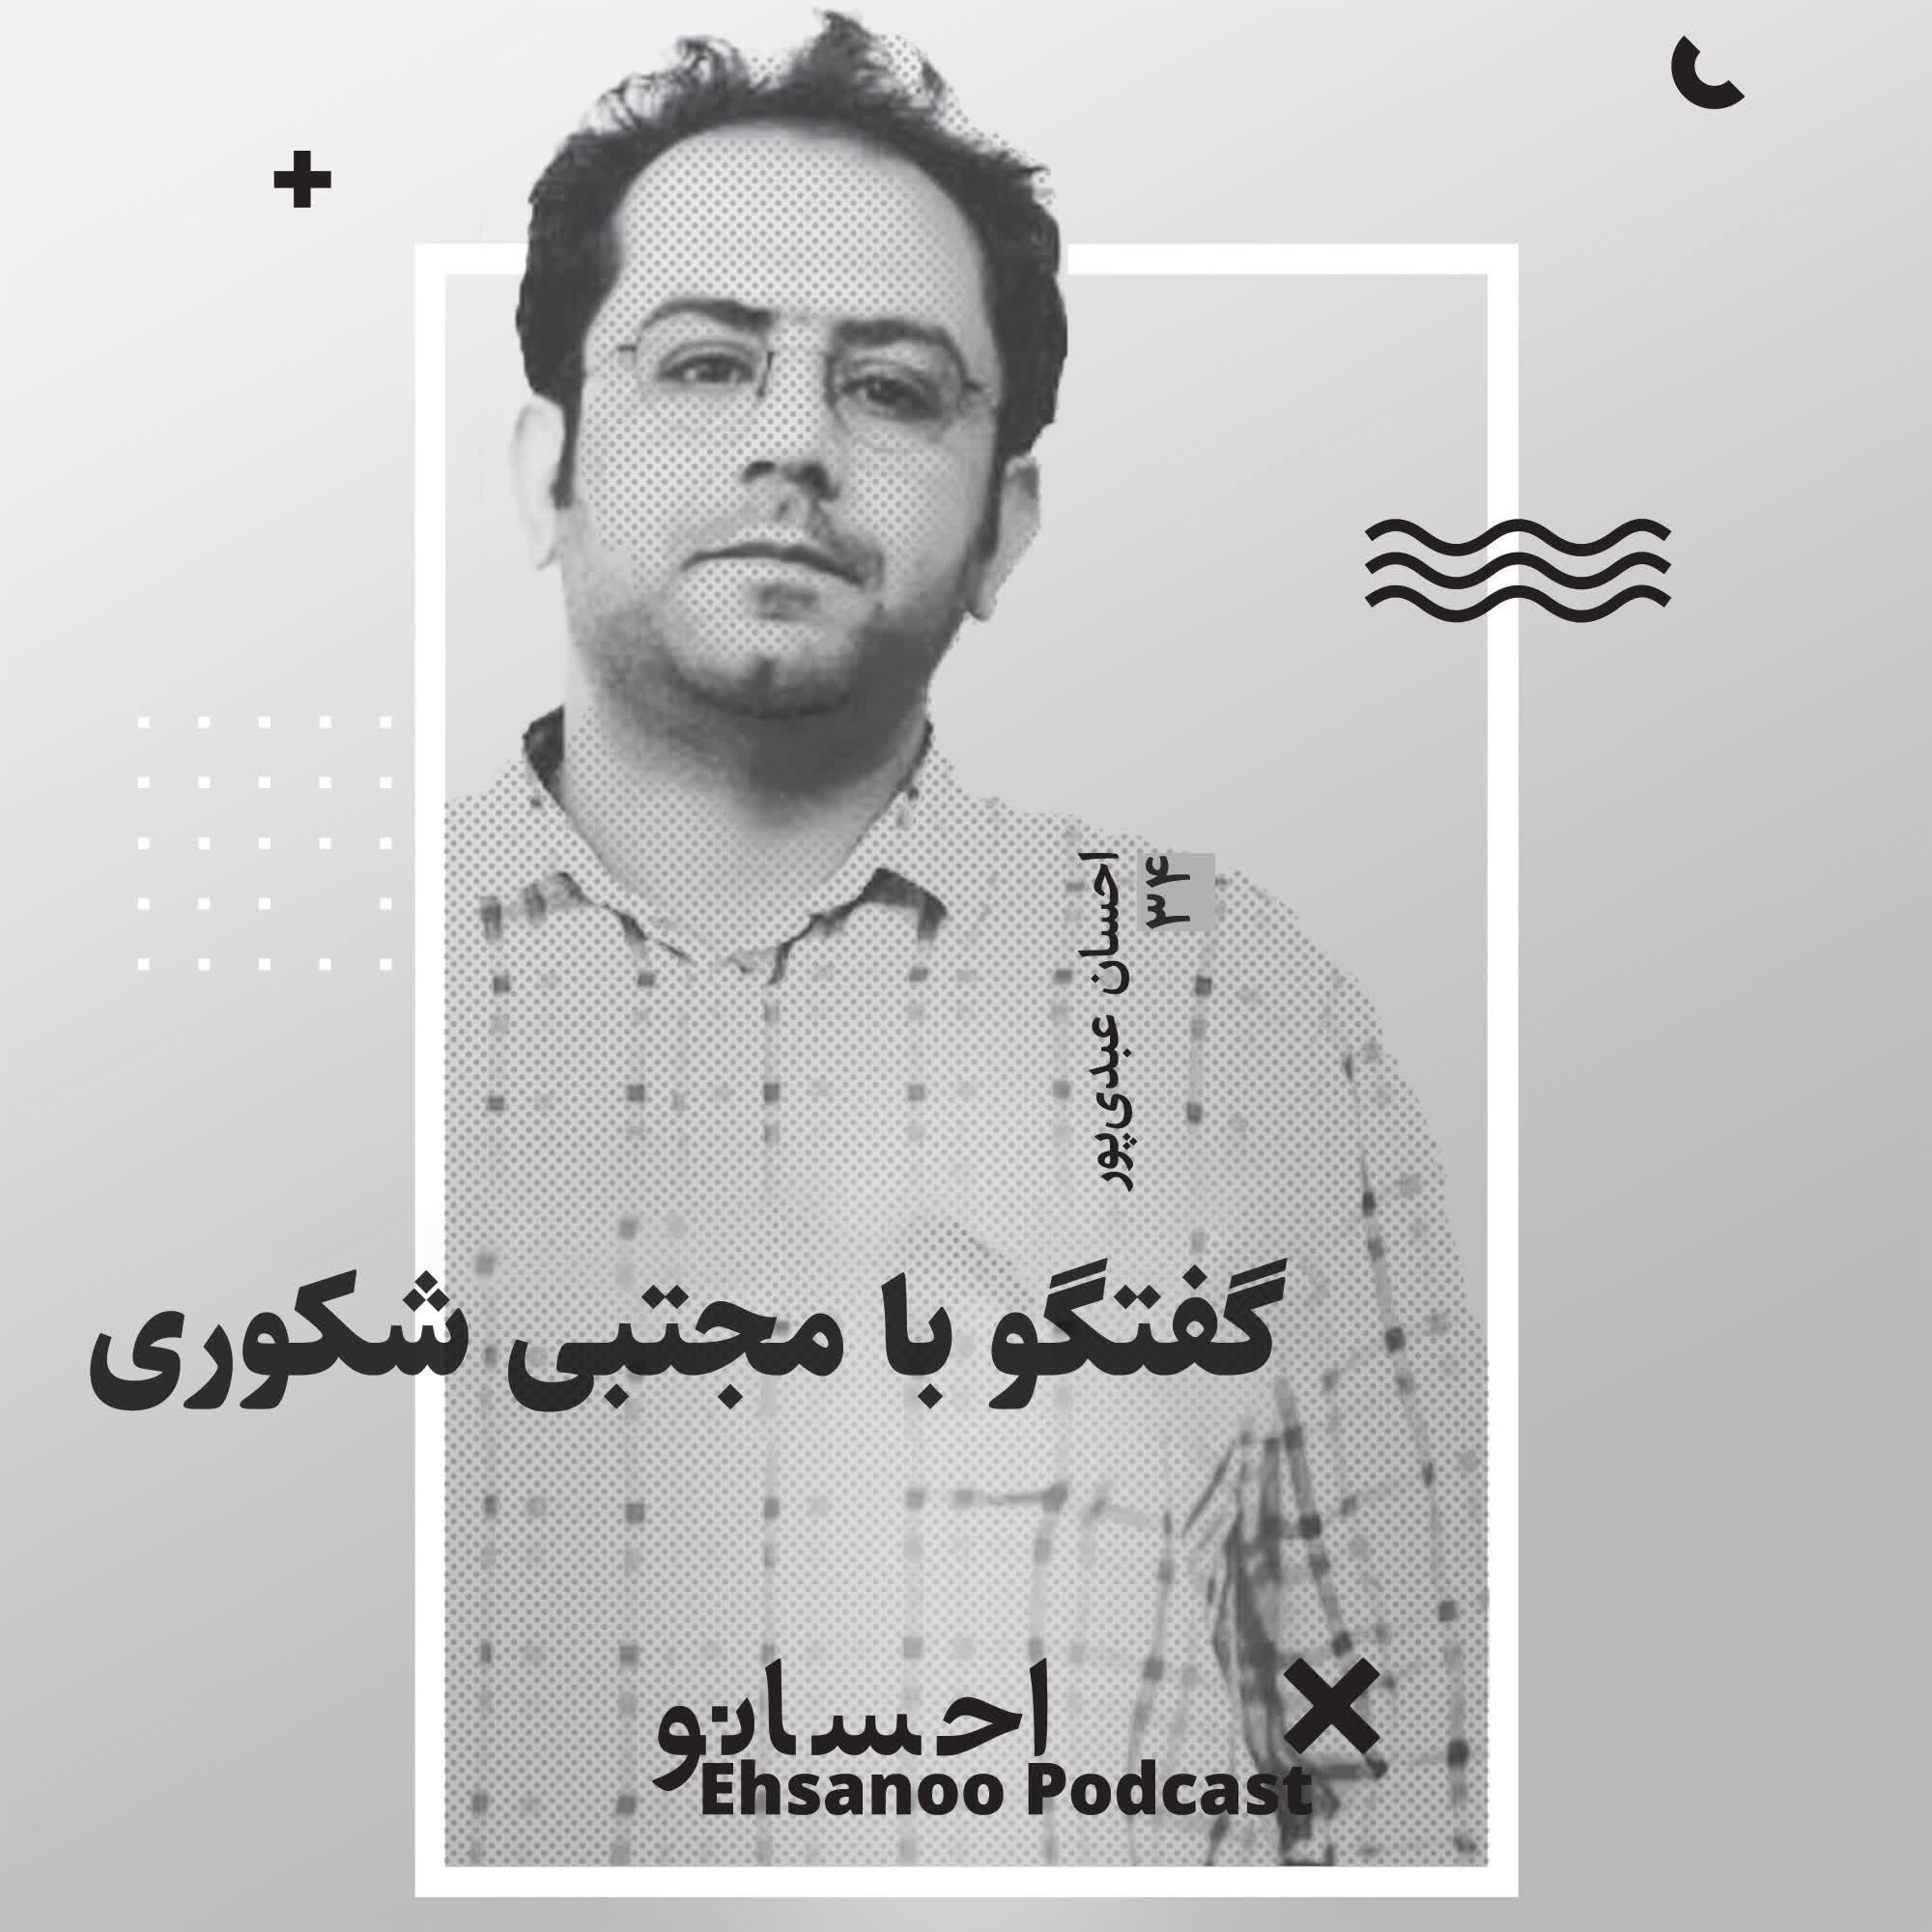 گفتگوی احسان عبدیپور با مجتبی شکوری در برنامه کتابباز